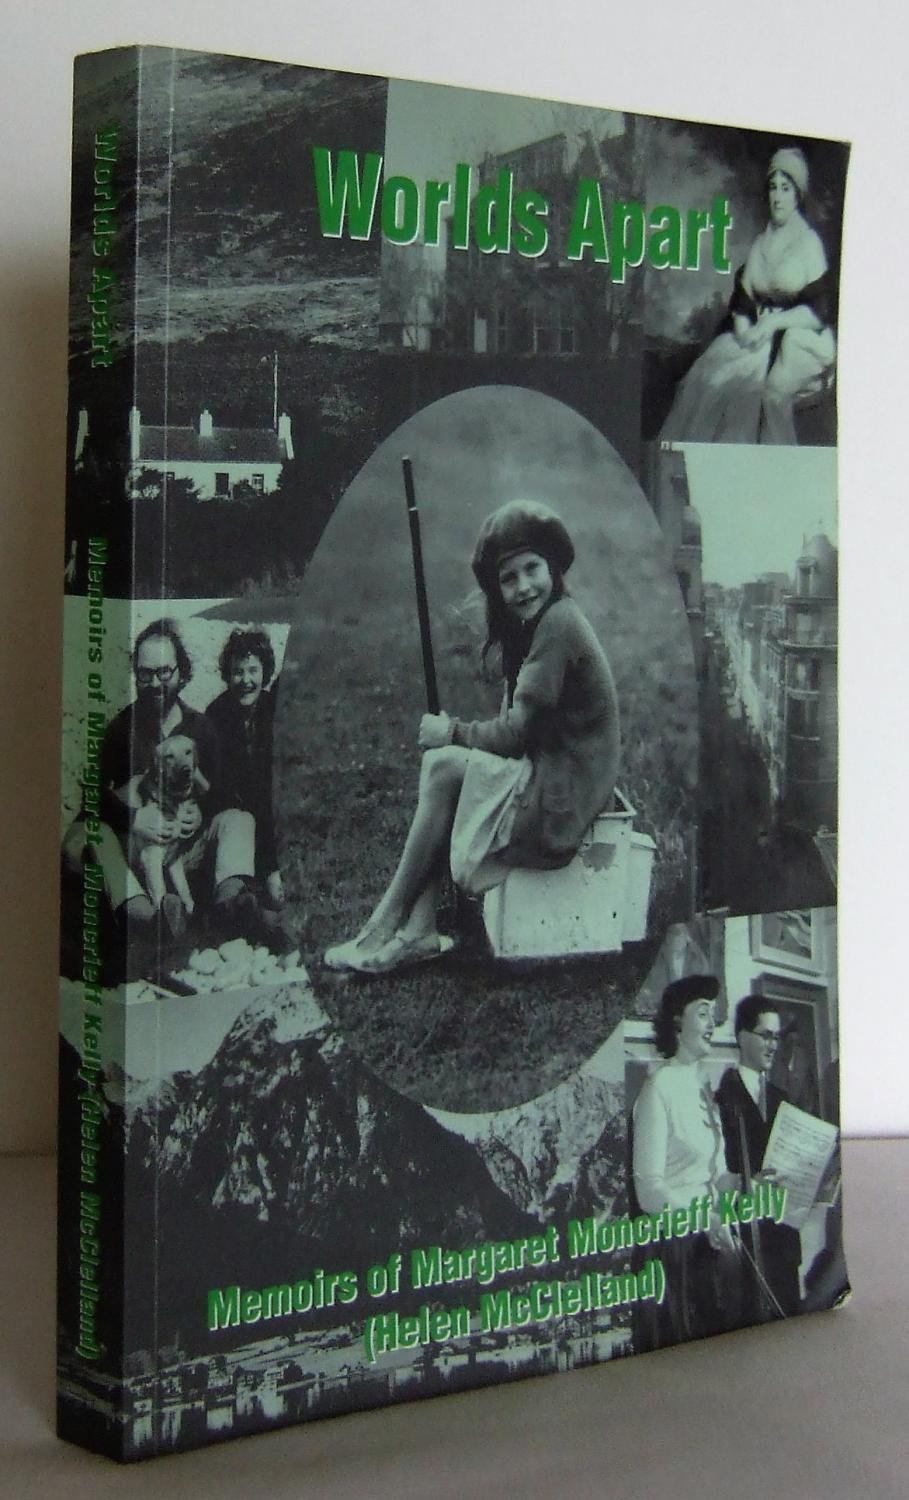 Worlds Apart : Memoirs of Margaret Moncrieff Kelly (Helen McClelland): KELLY, Margaret Moncrieff